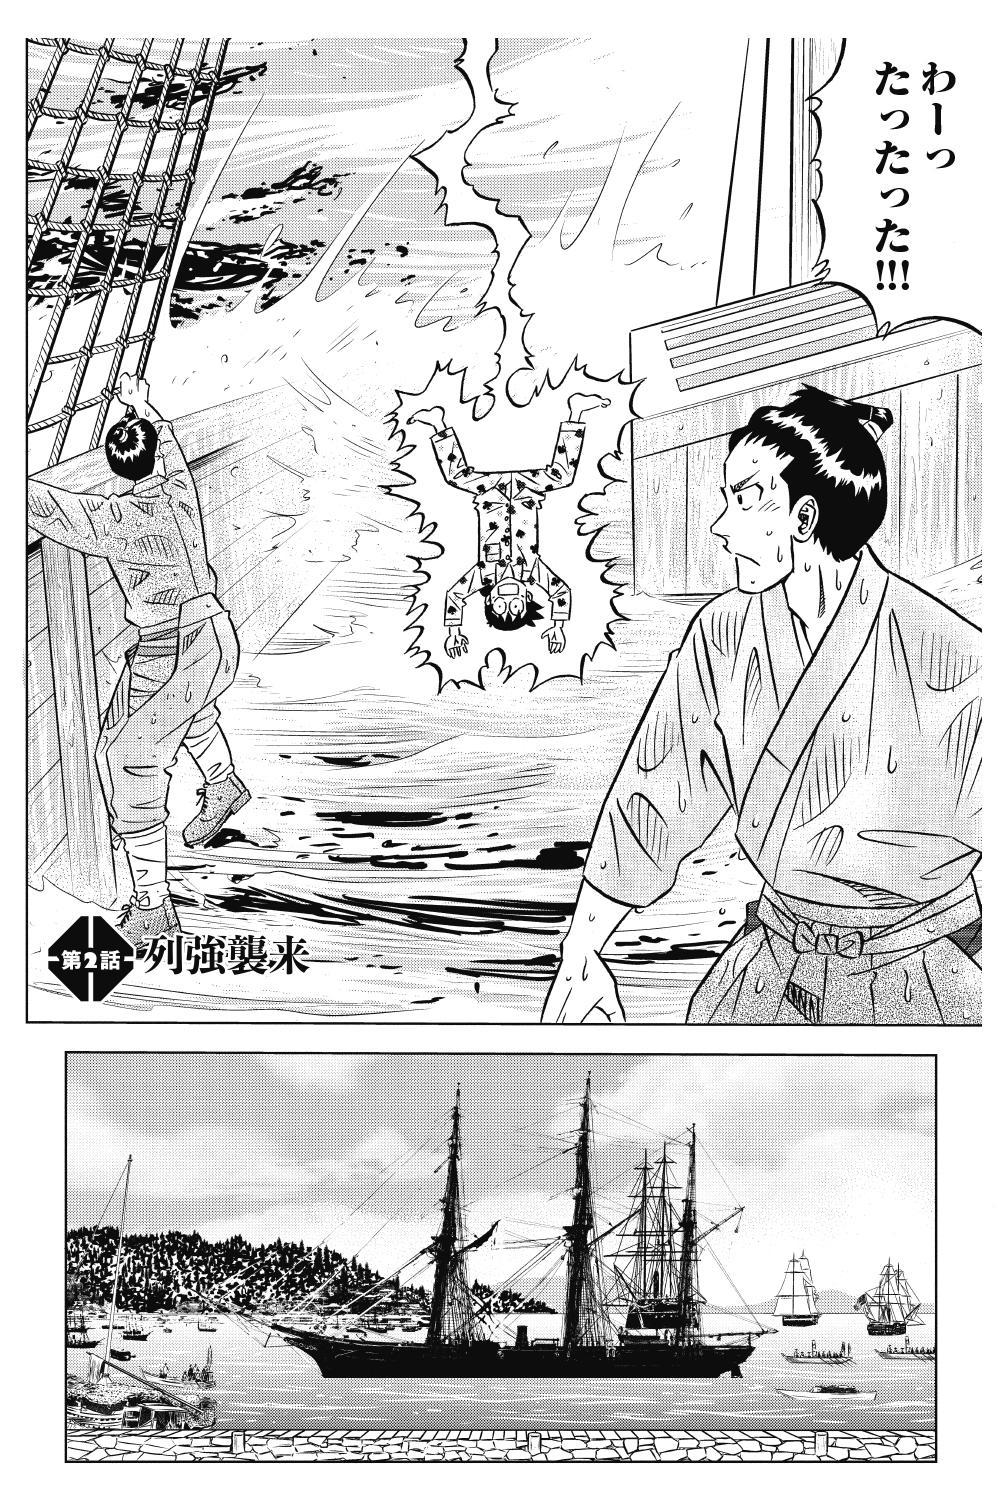 ミスター味っ子 幕末編 第2話「列強襲来」①ajikko2-1-2.jpg